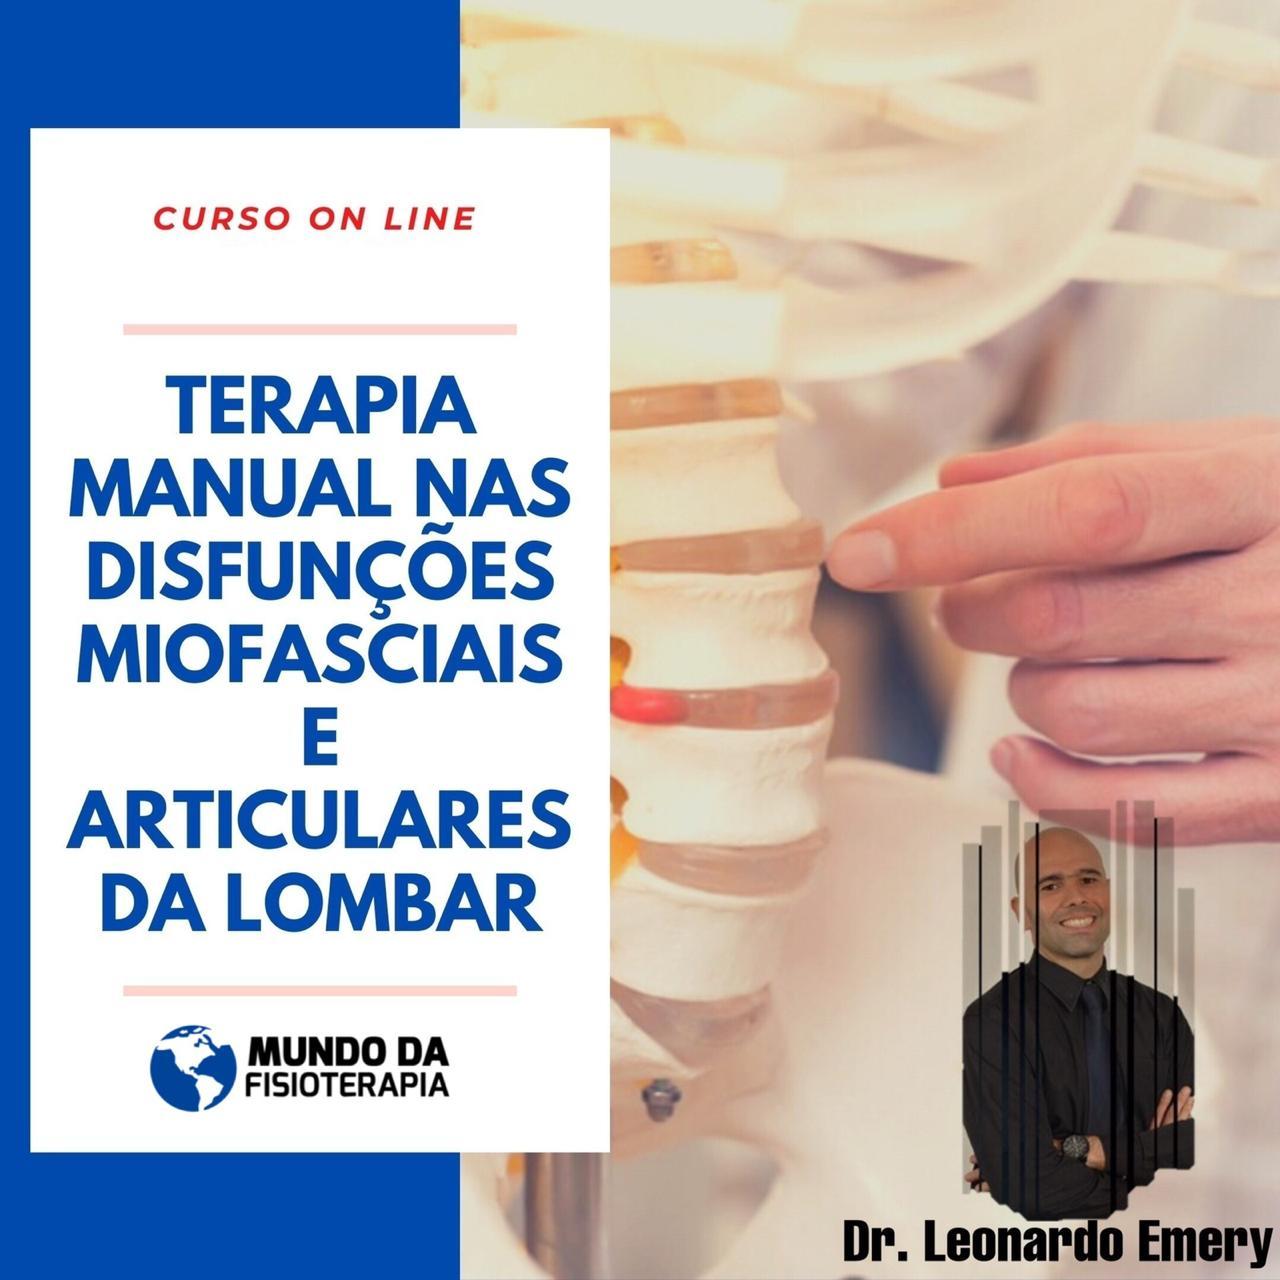 TERAPIA MANUAL NAS DISFUNÇÕES MIOFASCIAIS E ARTICULARES DA COLUNA LOMBAR